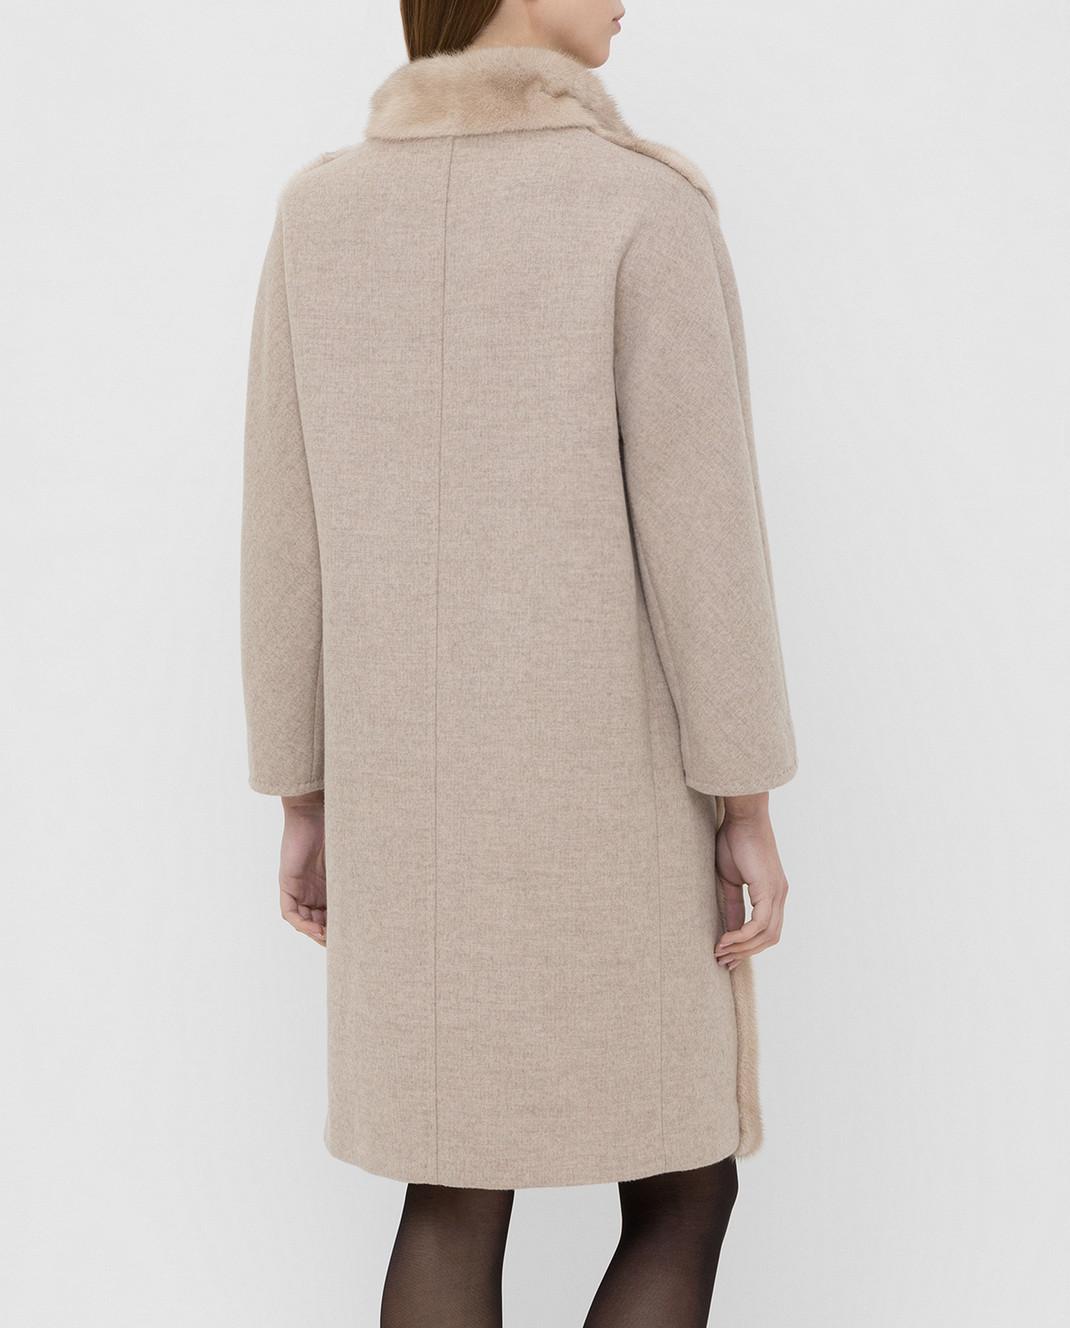 Giuliana Teso Бежевое пальто из шерсти с мехом норки 74QS285T072 изображение 4